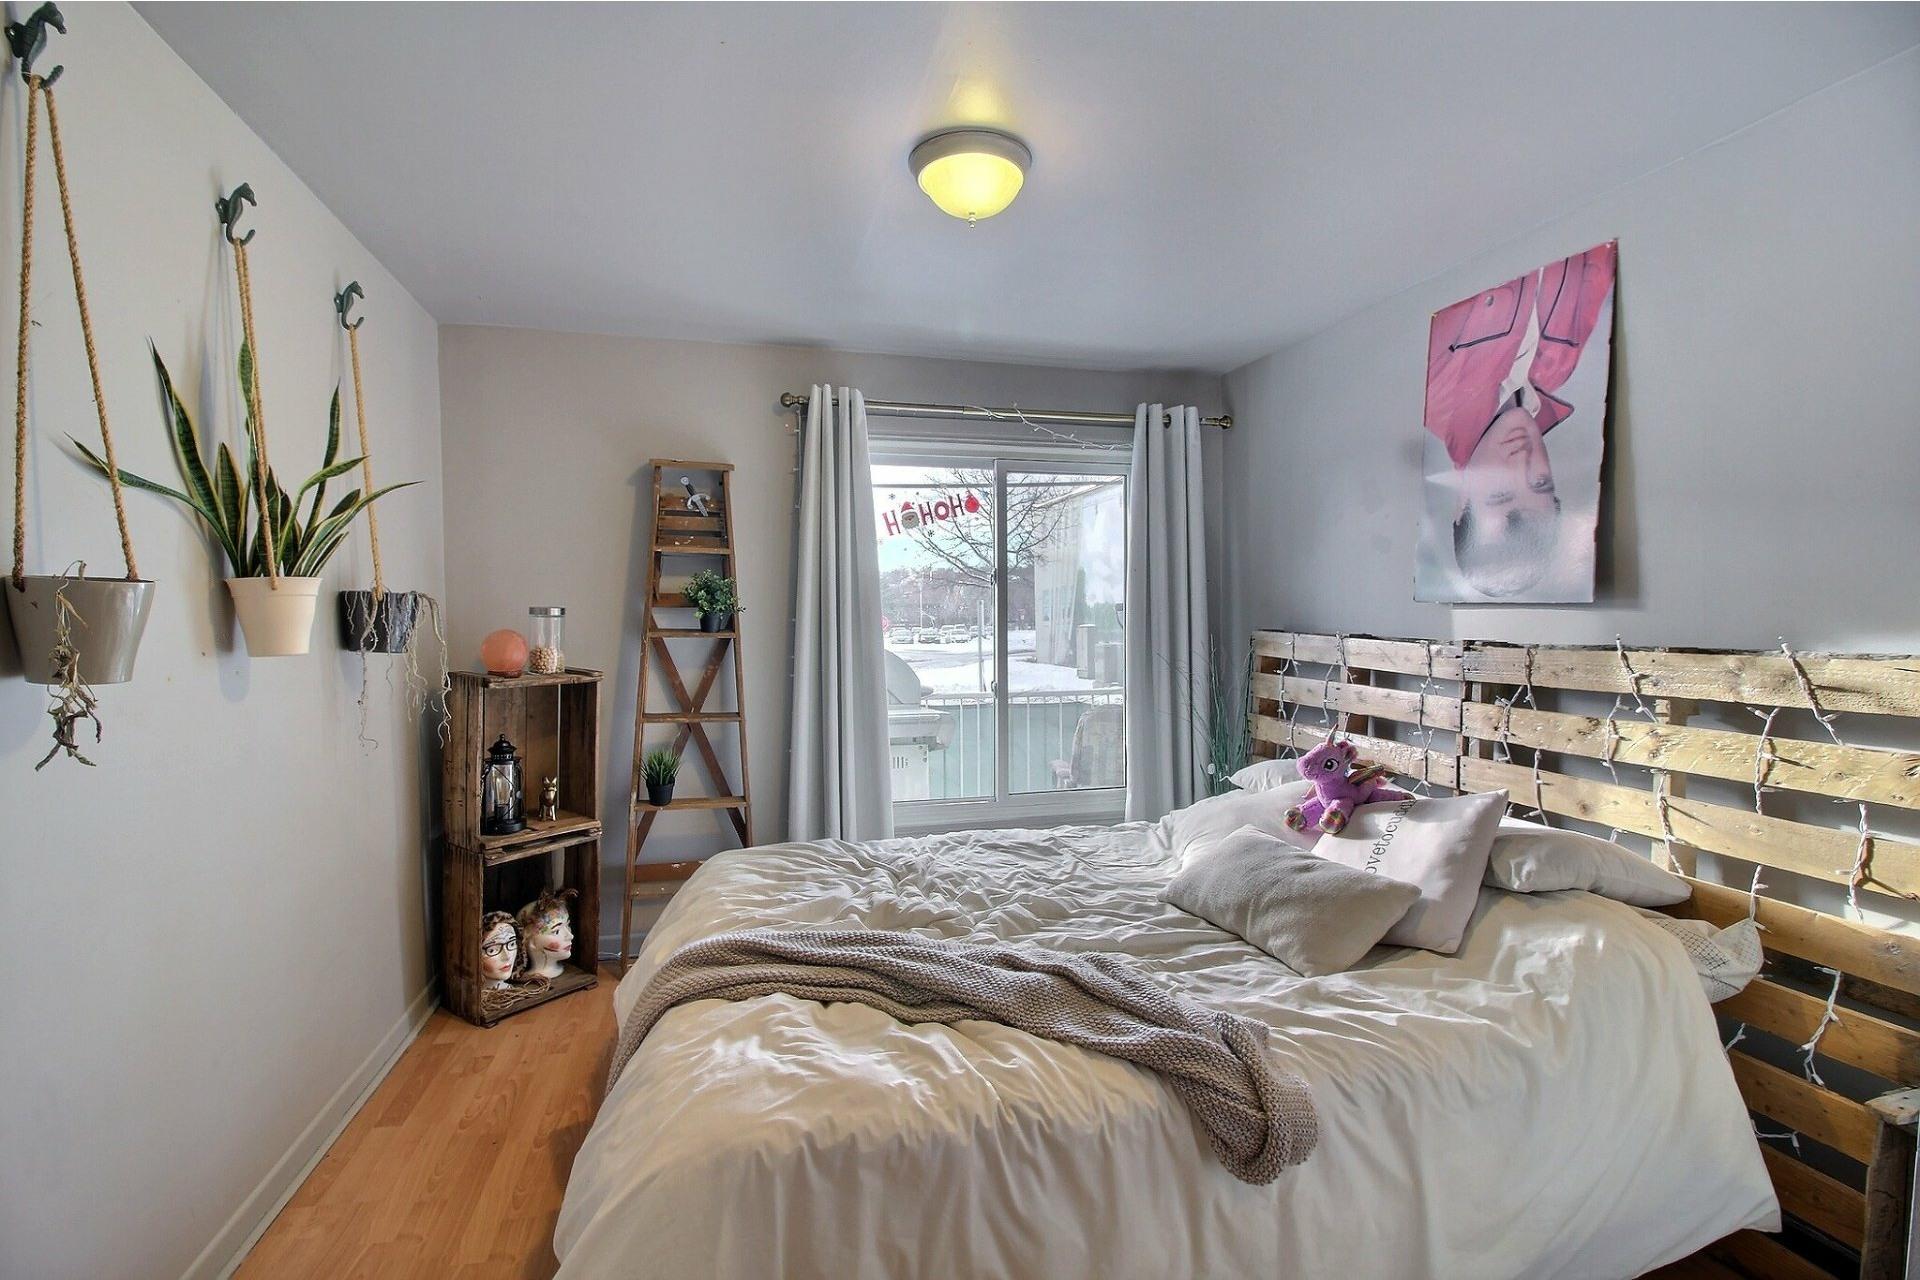 image 5 - Duplex À vendre Fleurimont Sherbrooke  - 4 pièces